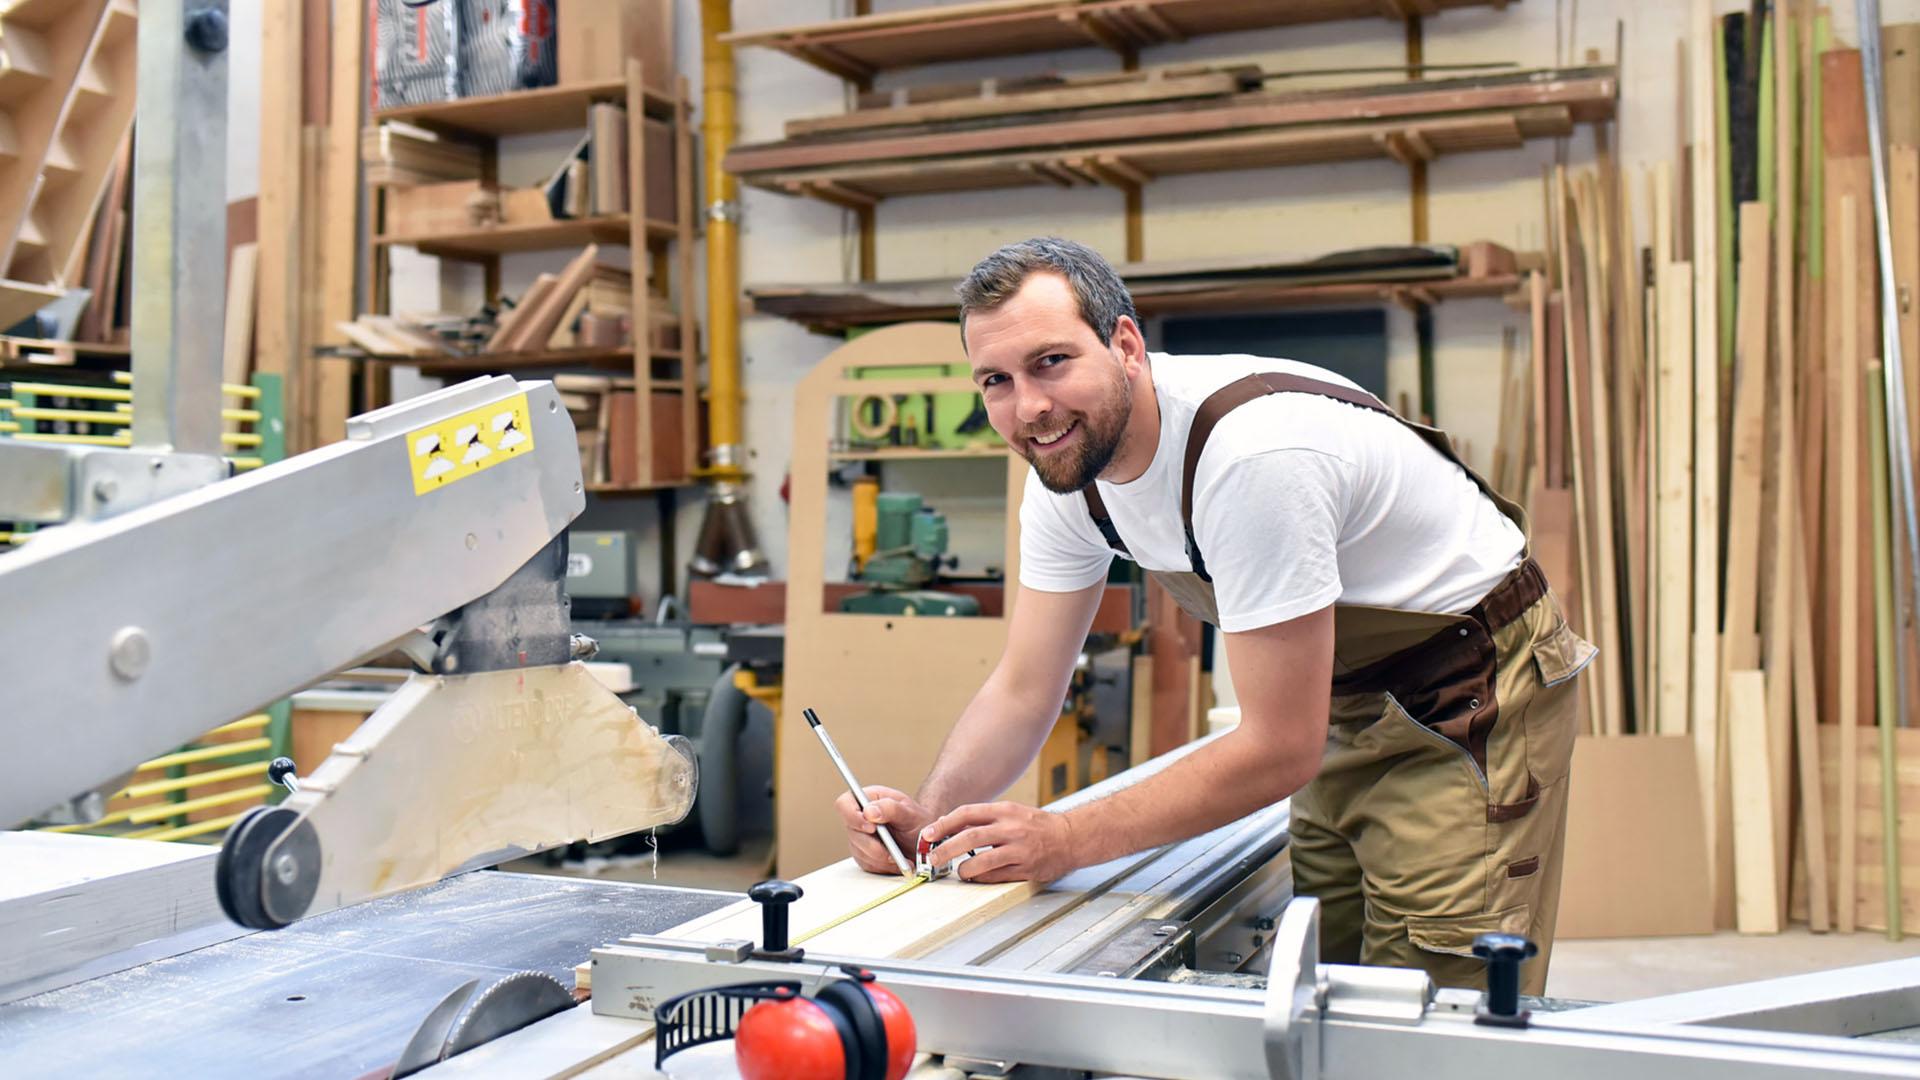 Tischler arbeitet an einer Sge in einer Schreinerei // Carpentry